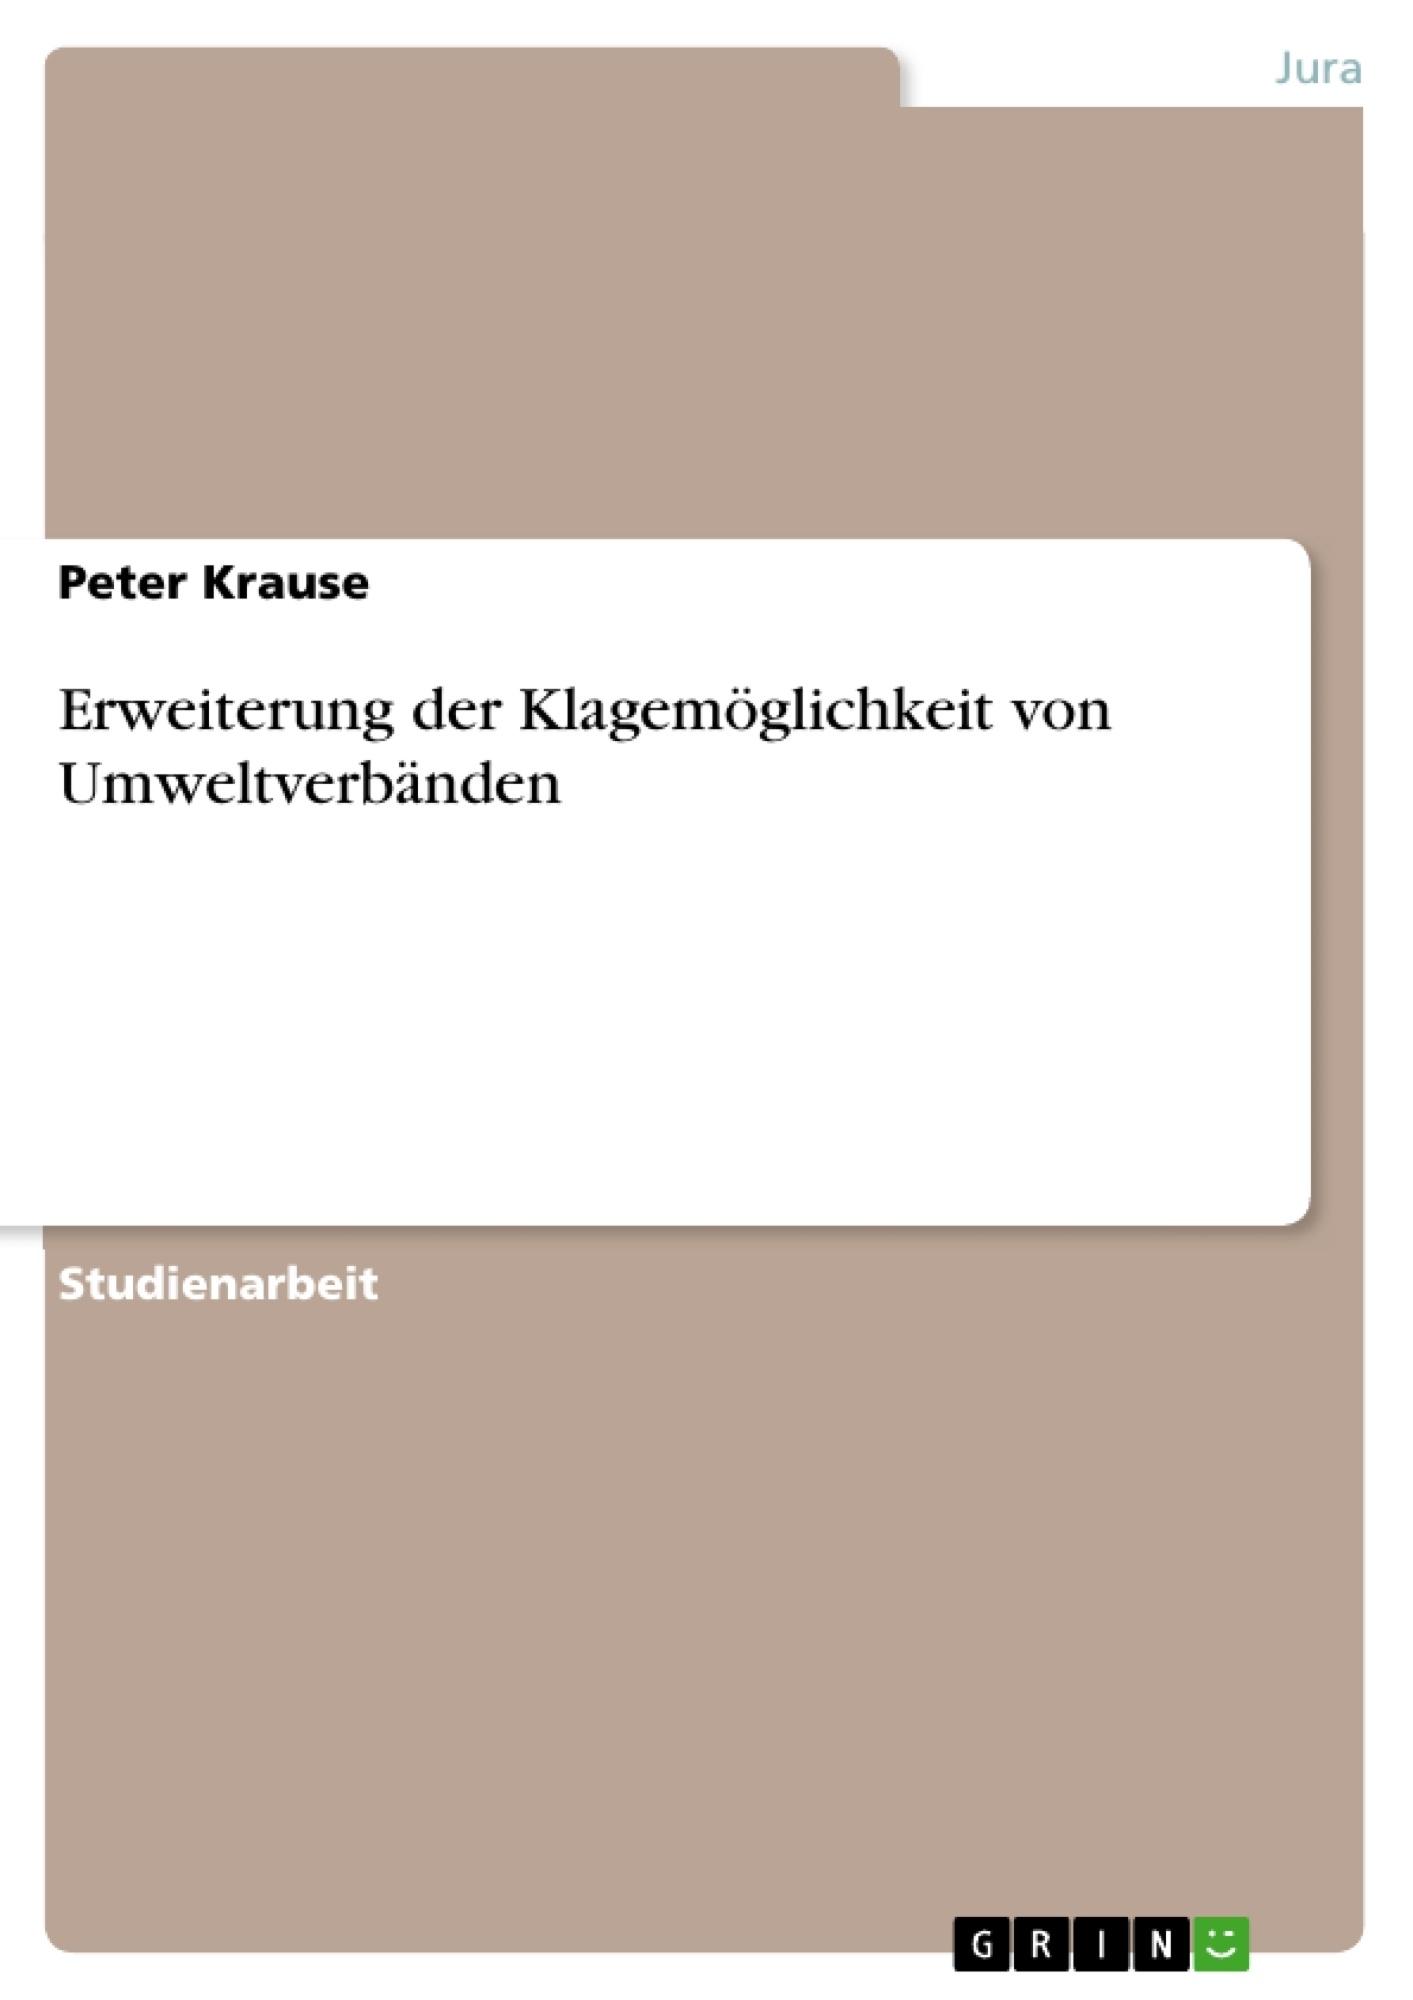 Titel: Erweiterung der Klagemöglichkeit von Umweltverbänden